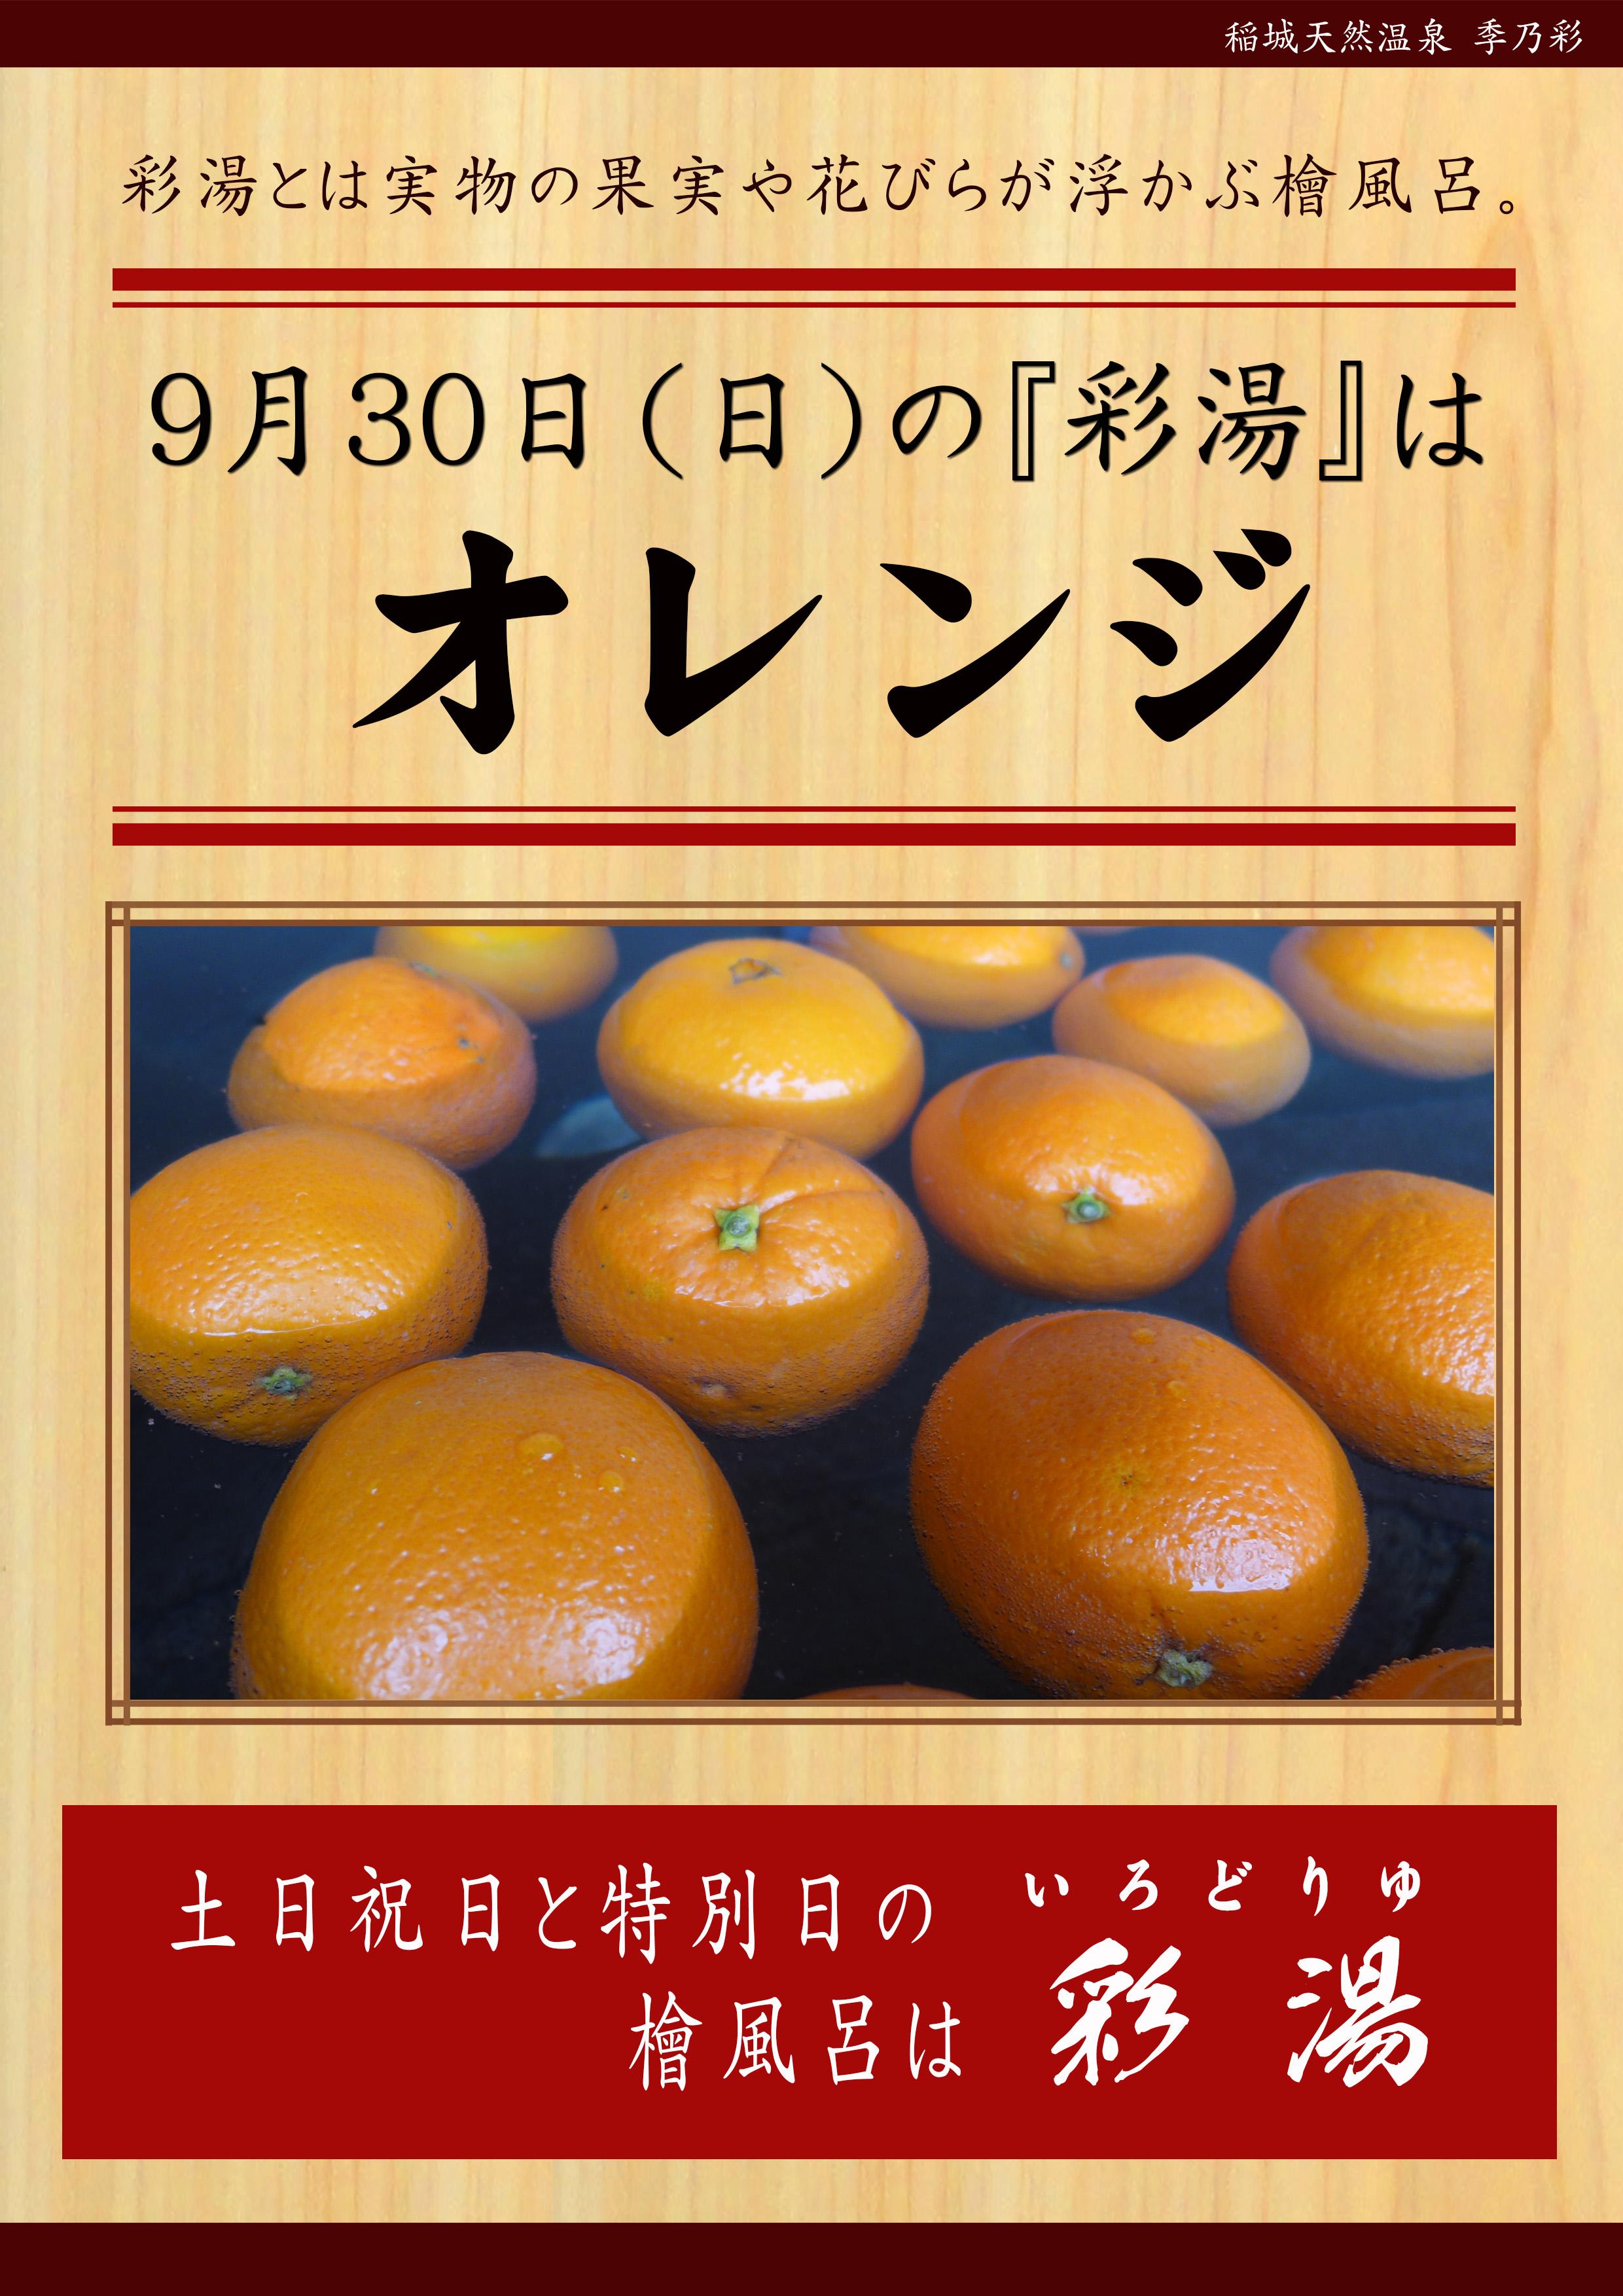 20180930POP イベント 彩湯 オレンジ